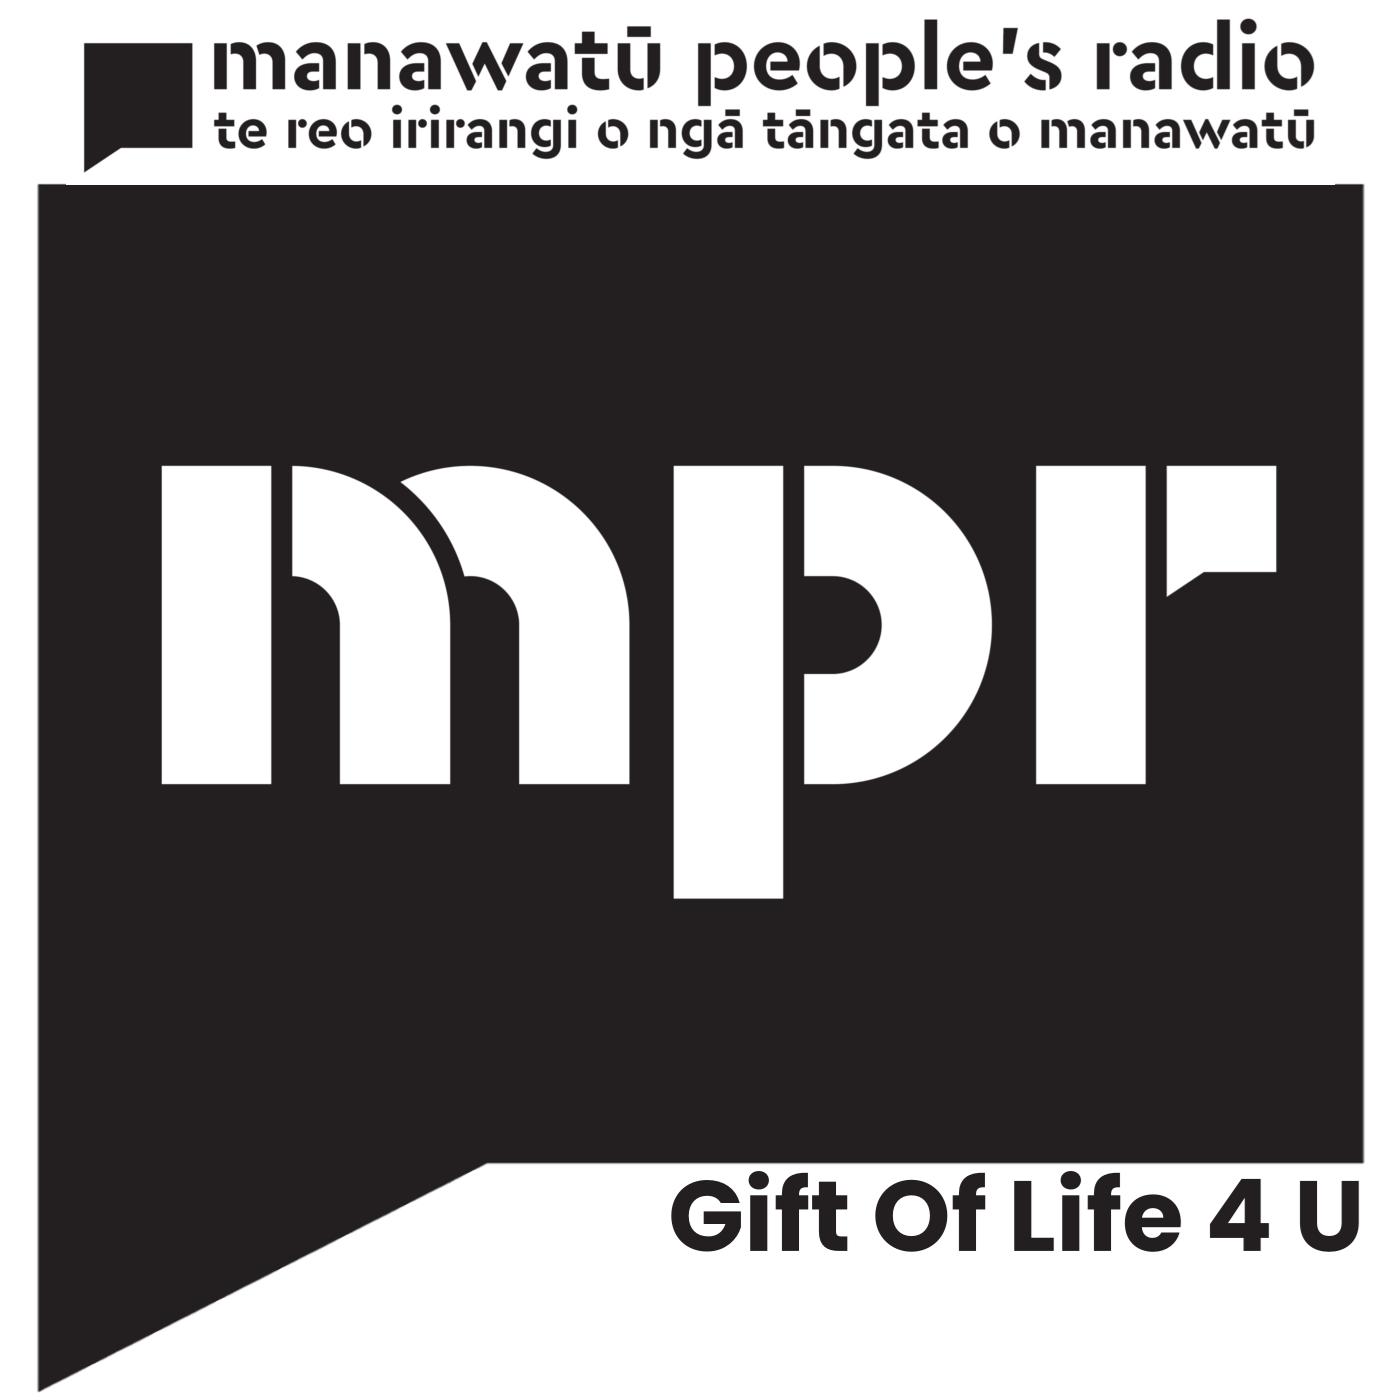 Gift Of Life 4 U 09-08-2020